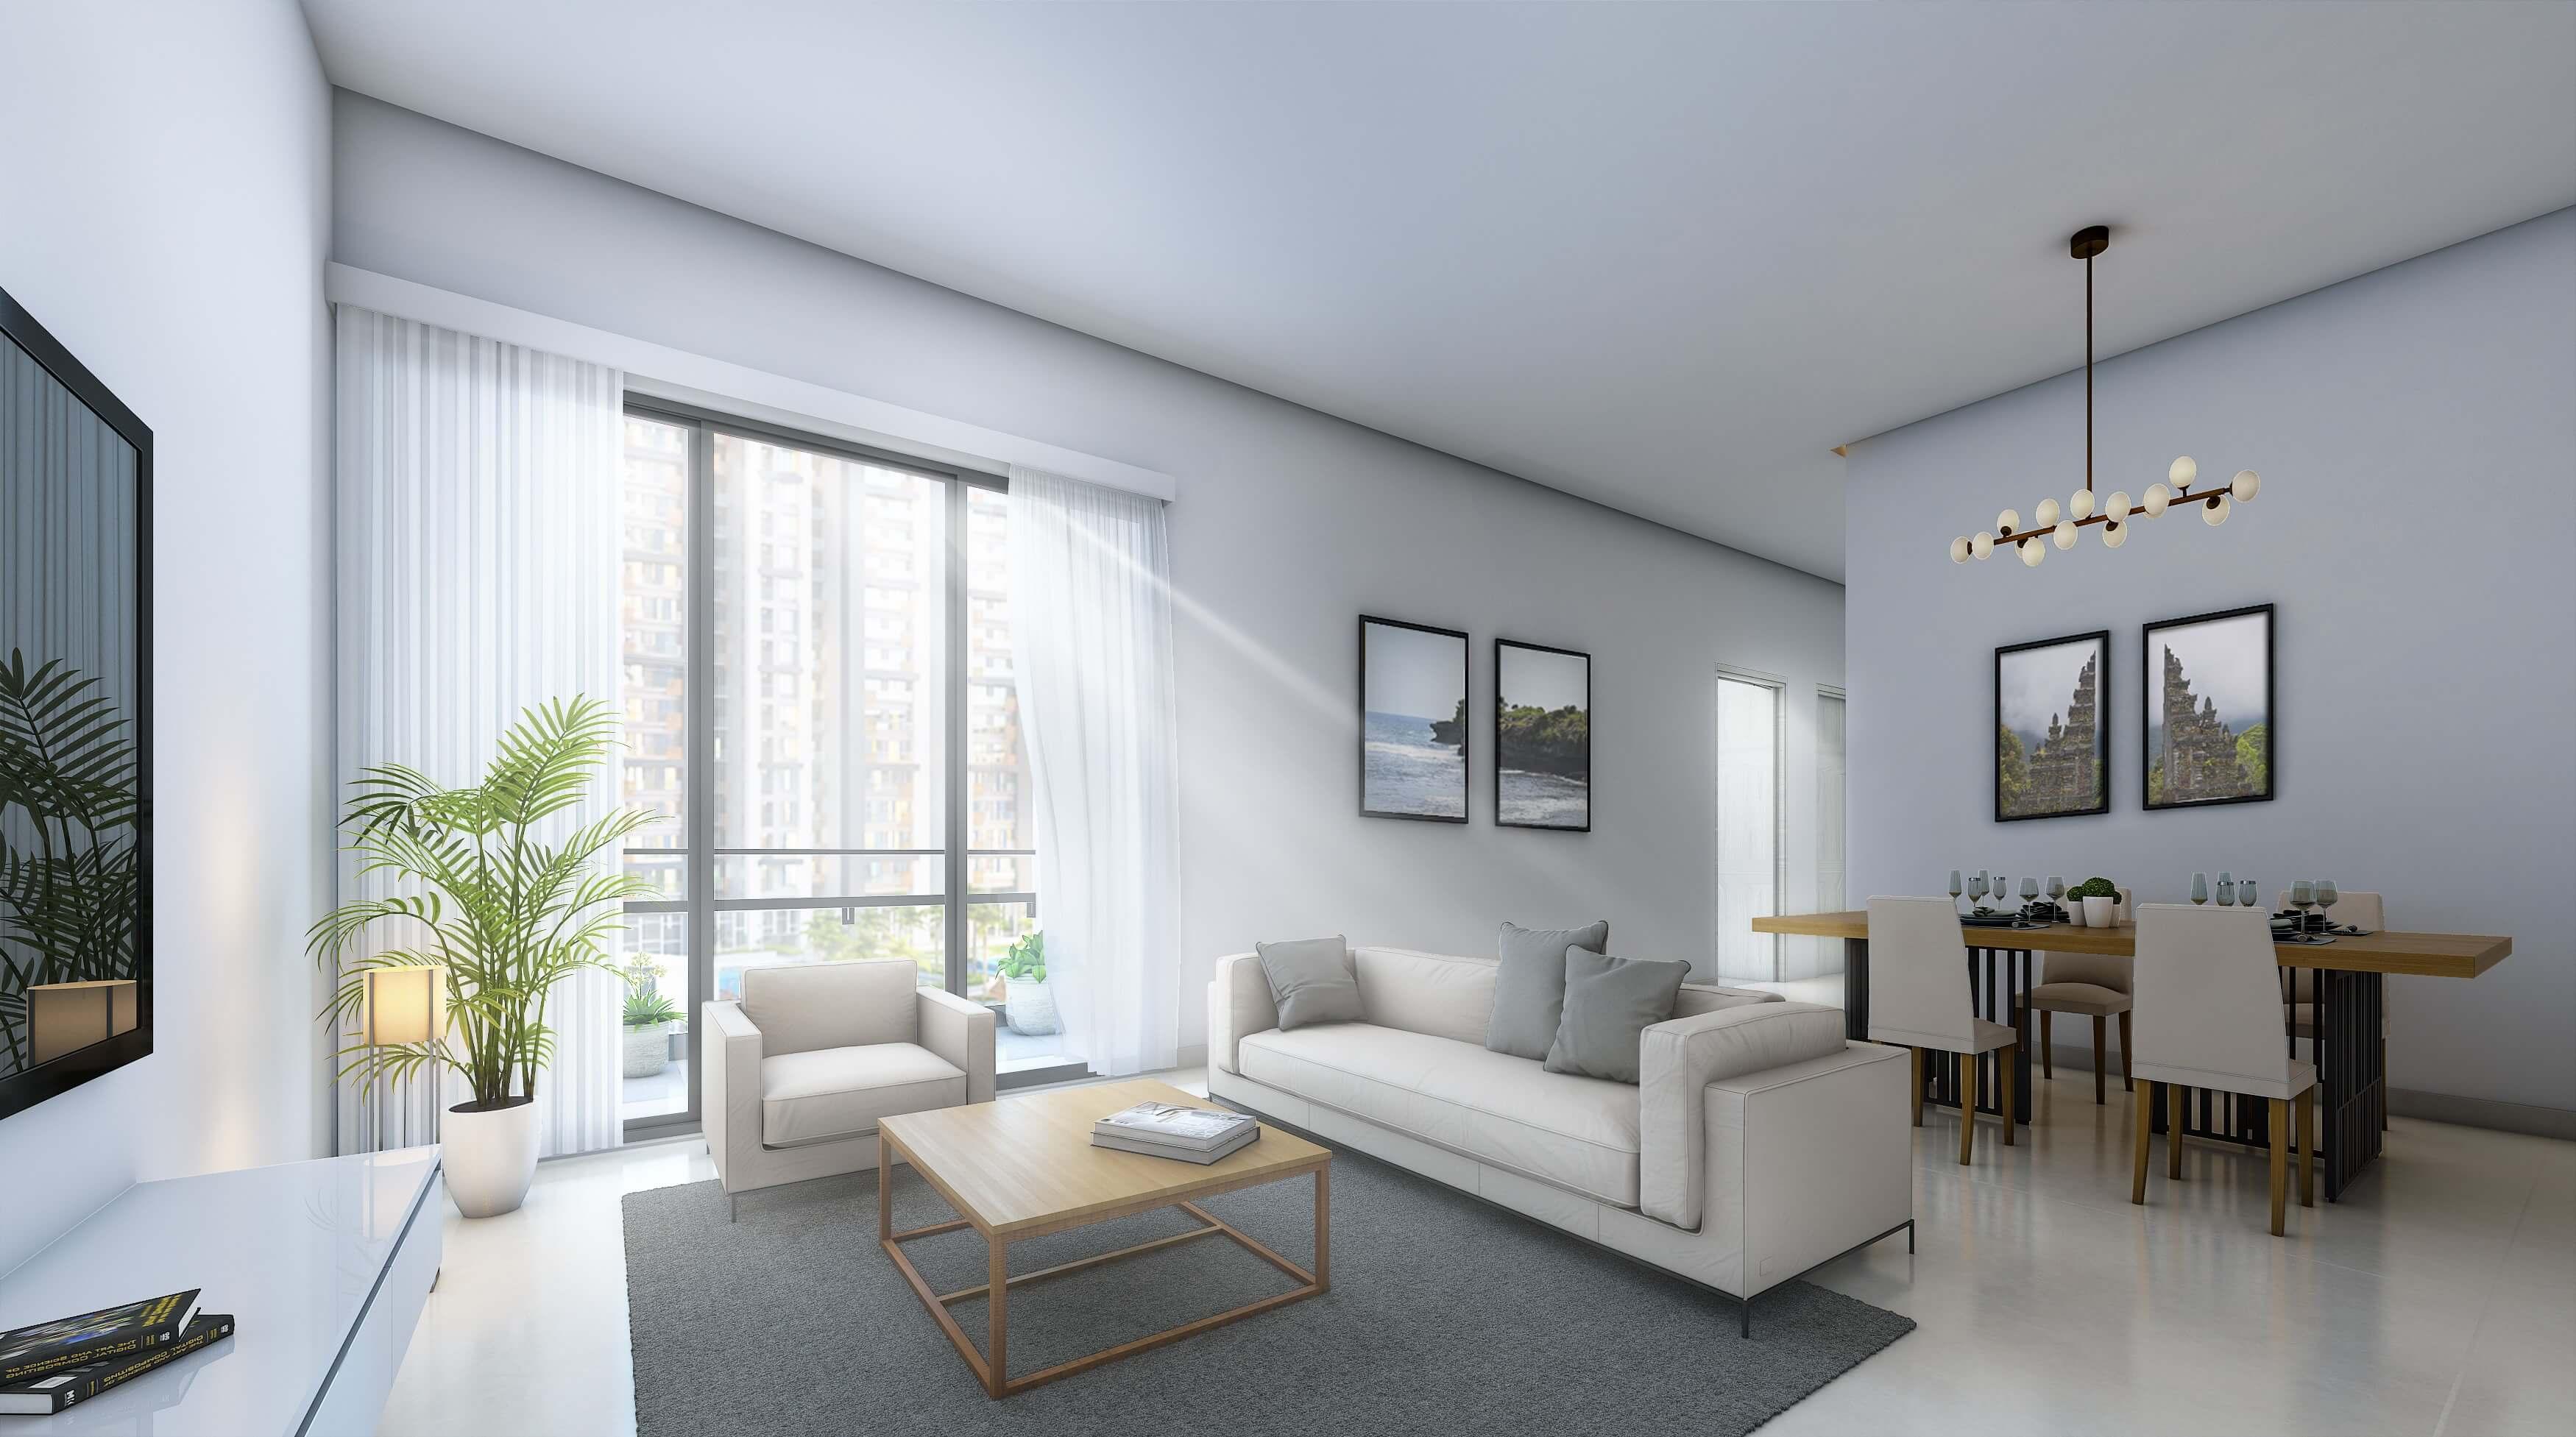 godrej alive apartment interiors2